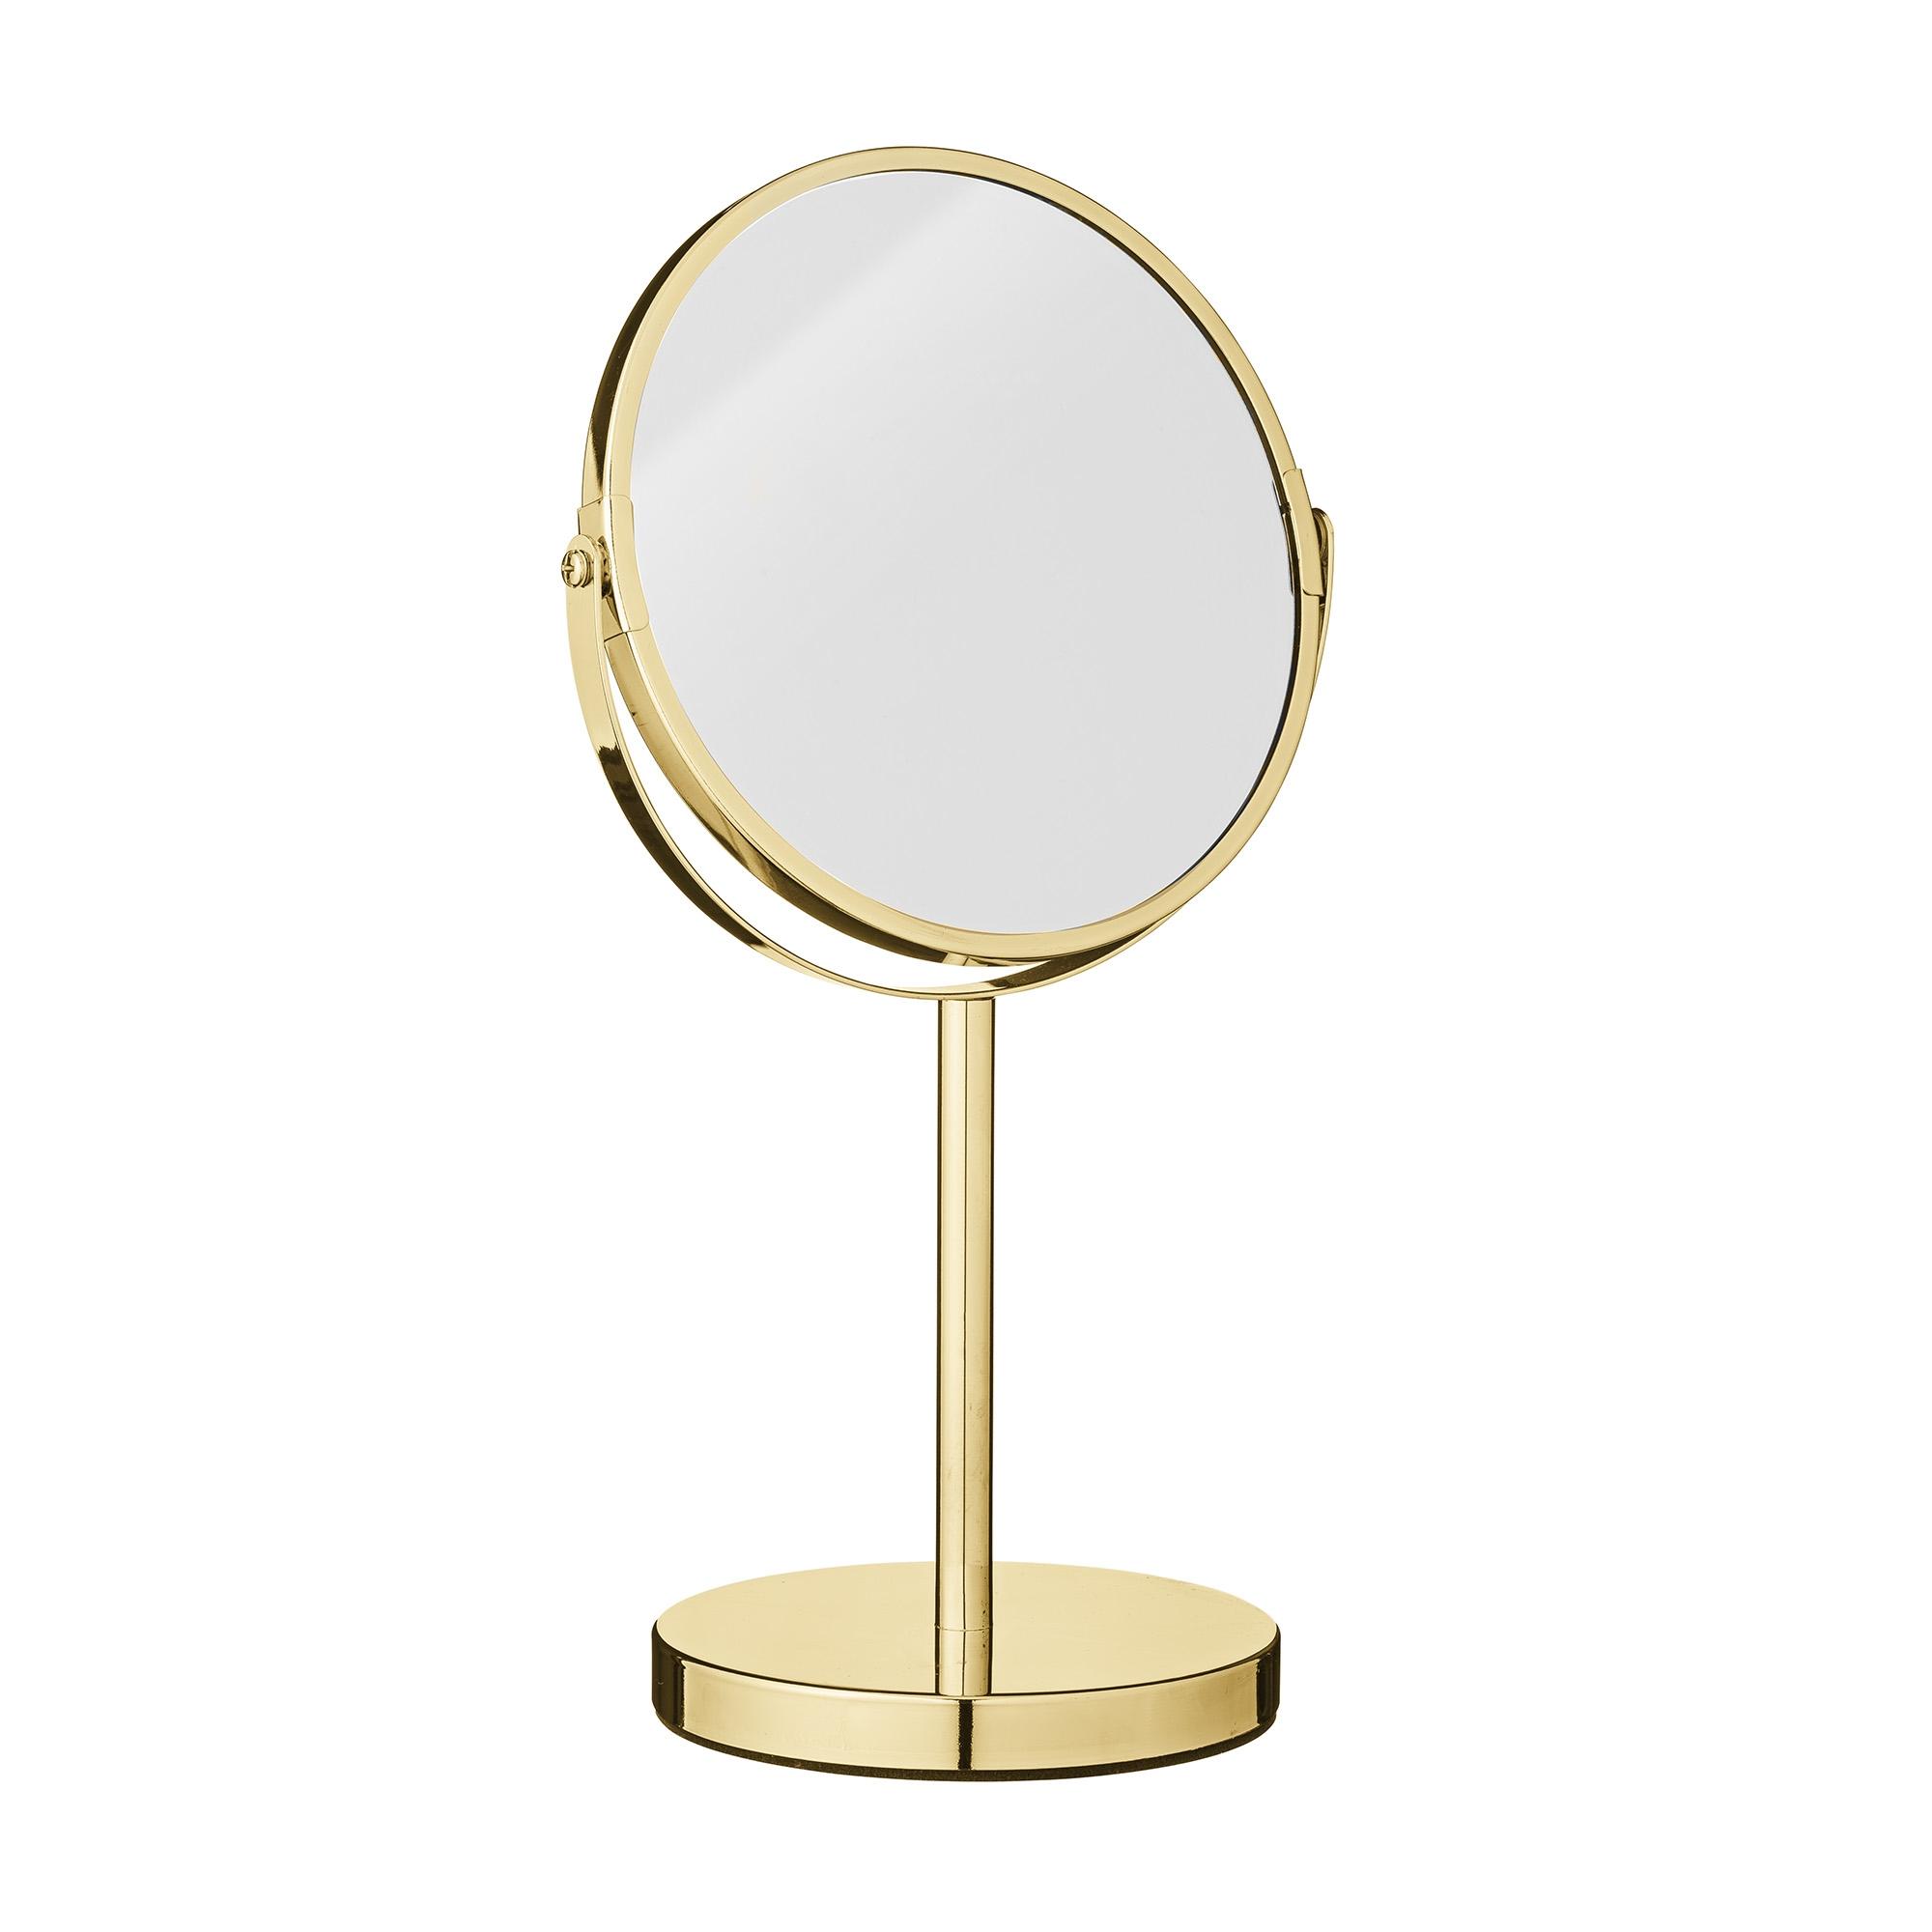 Oglinda cosmetica de masa, Goldy Auriu, Ø20xH35 cm imagine